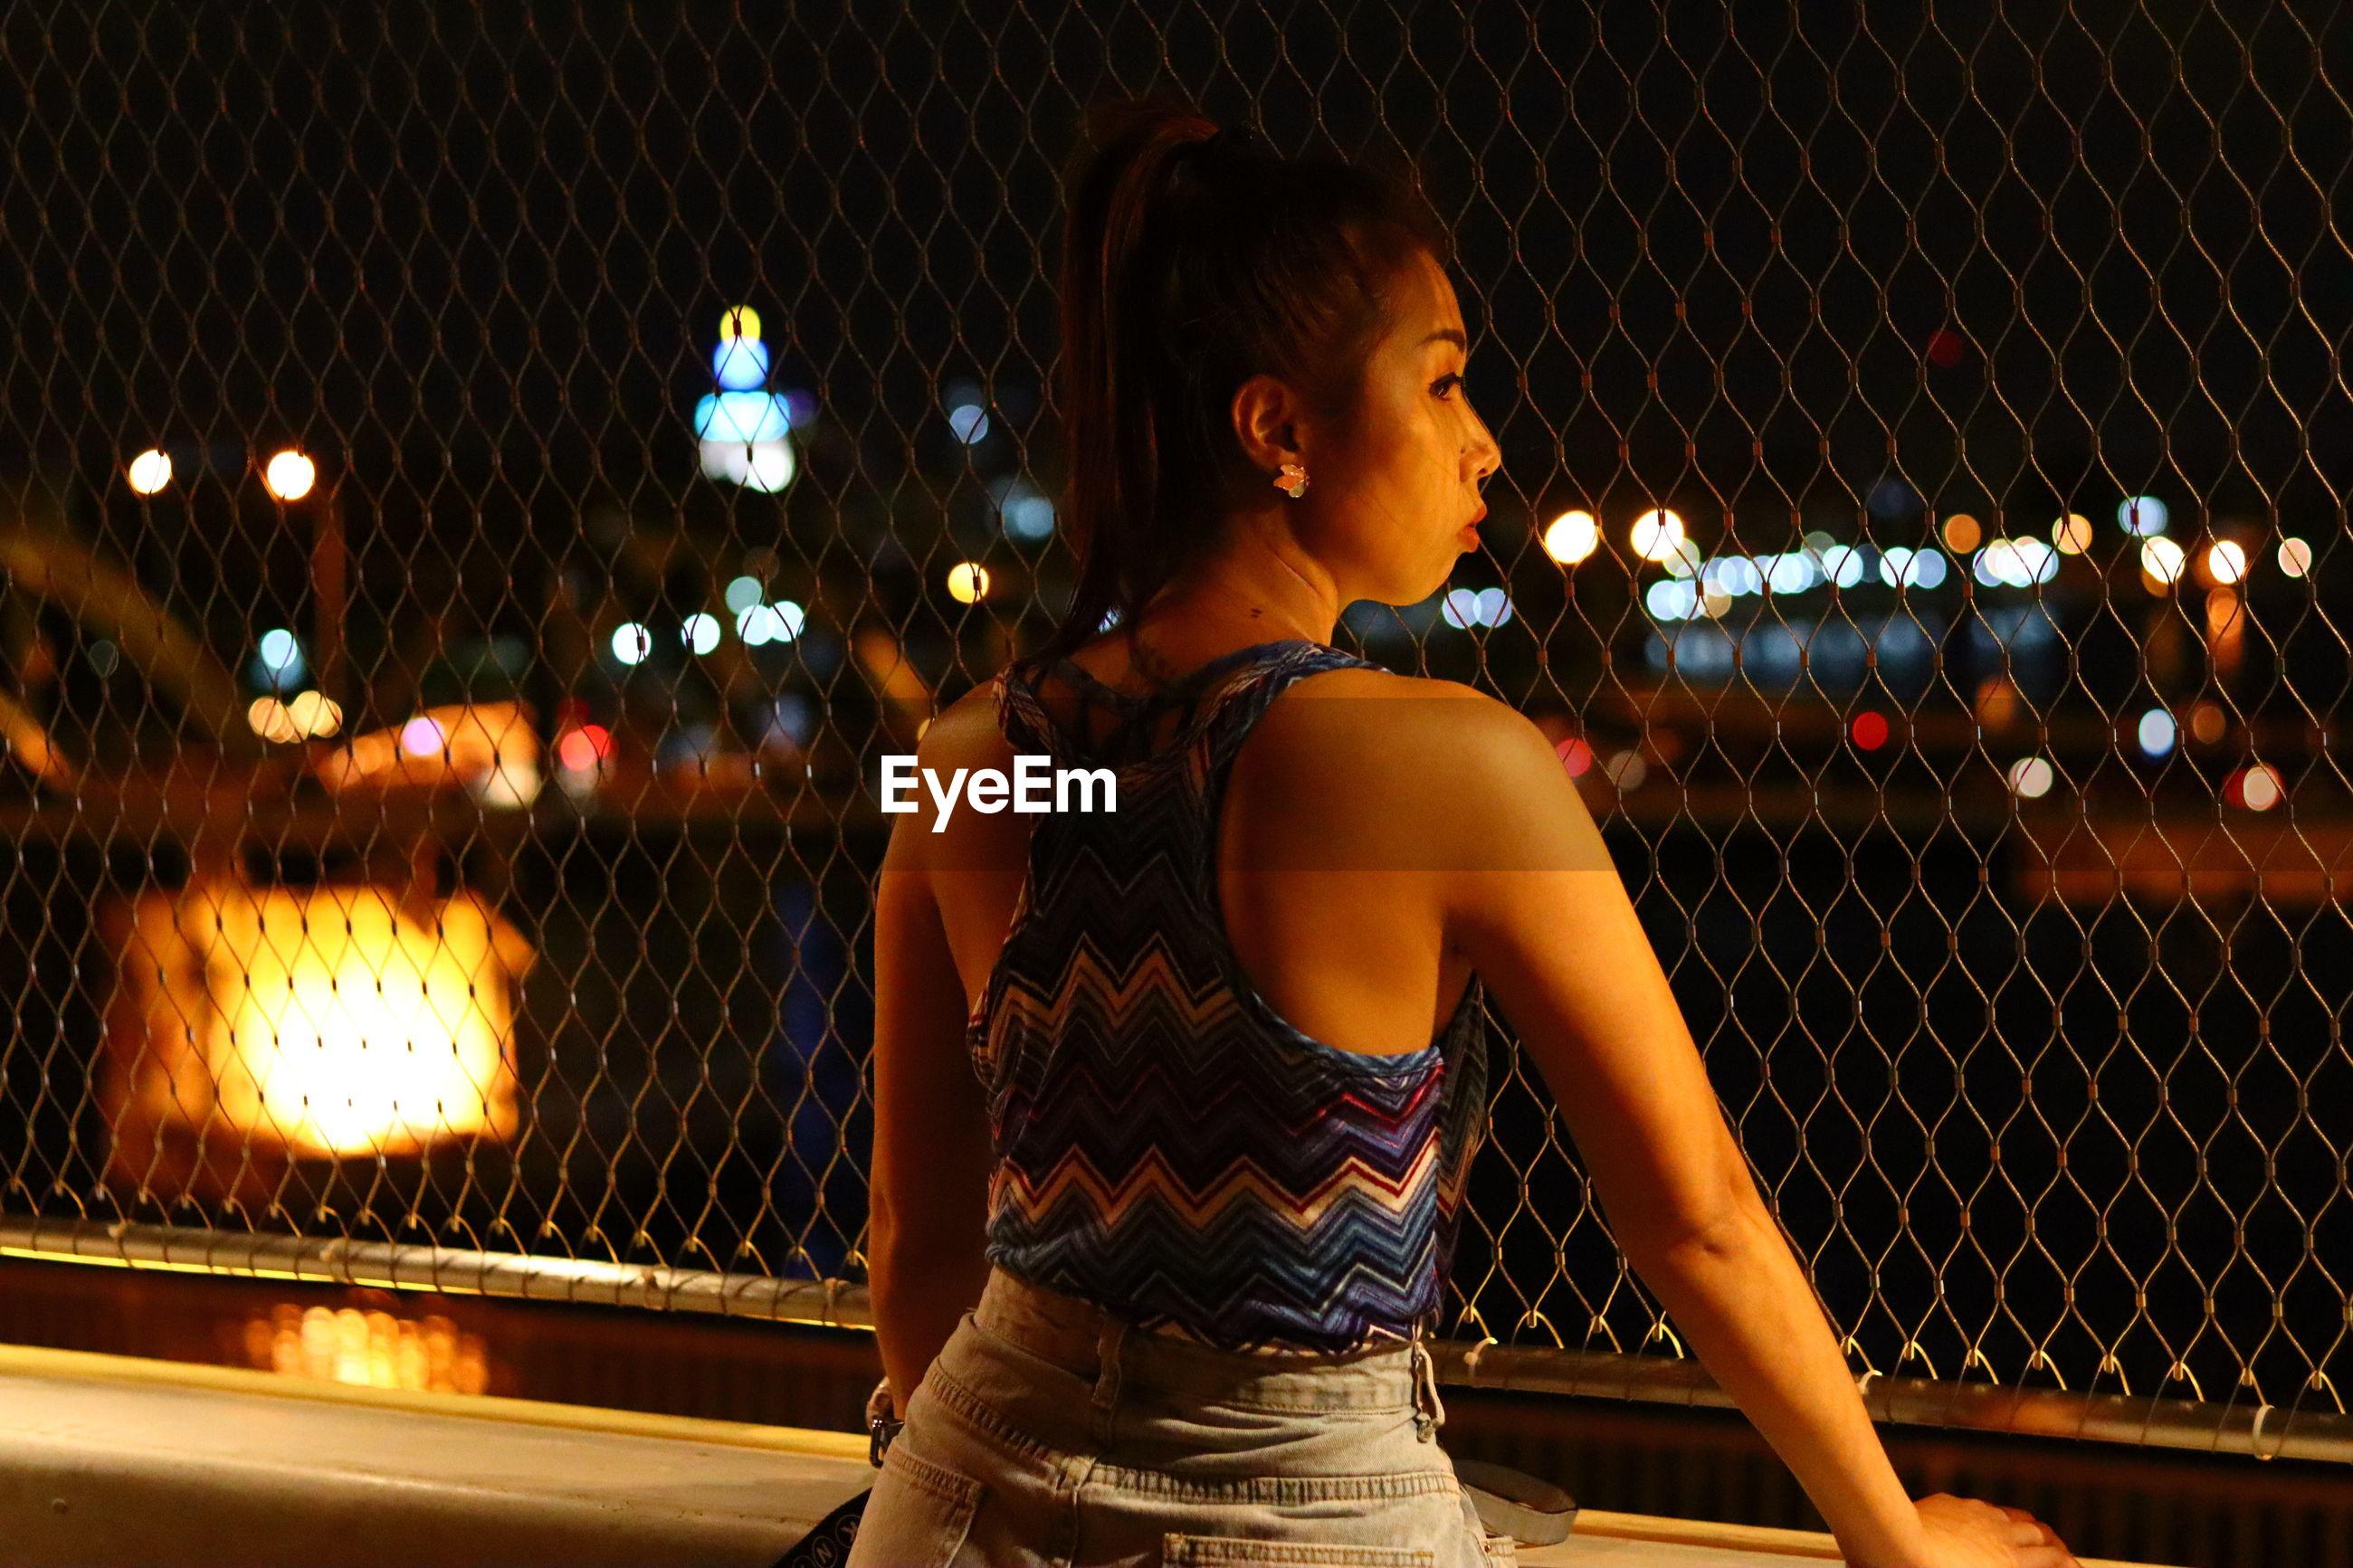 Woman looking at illuminated city at night